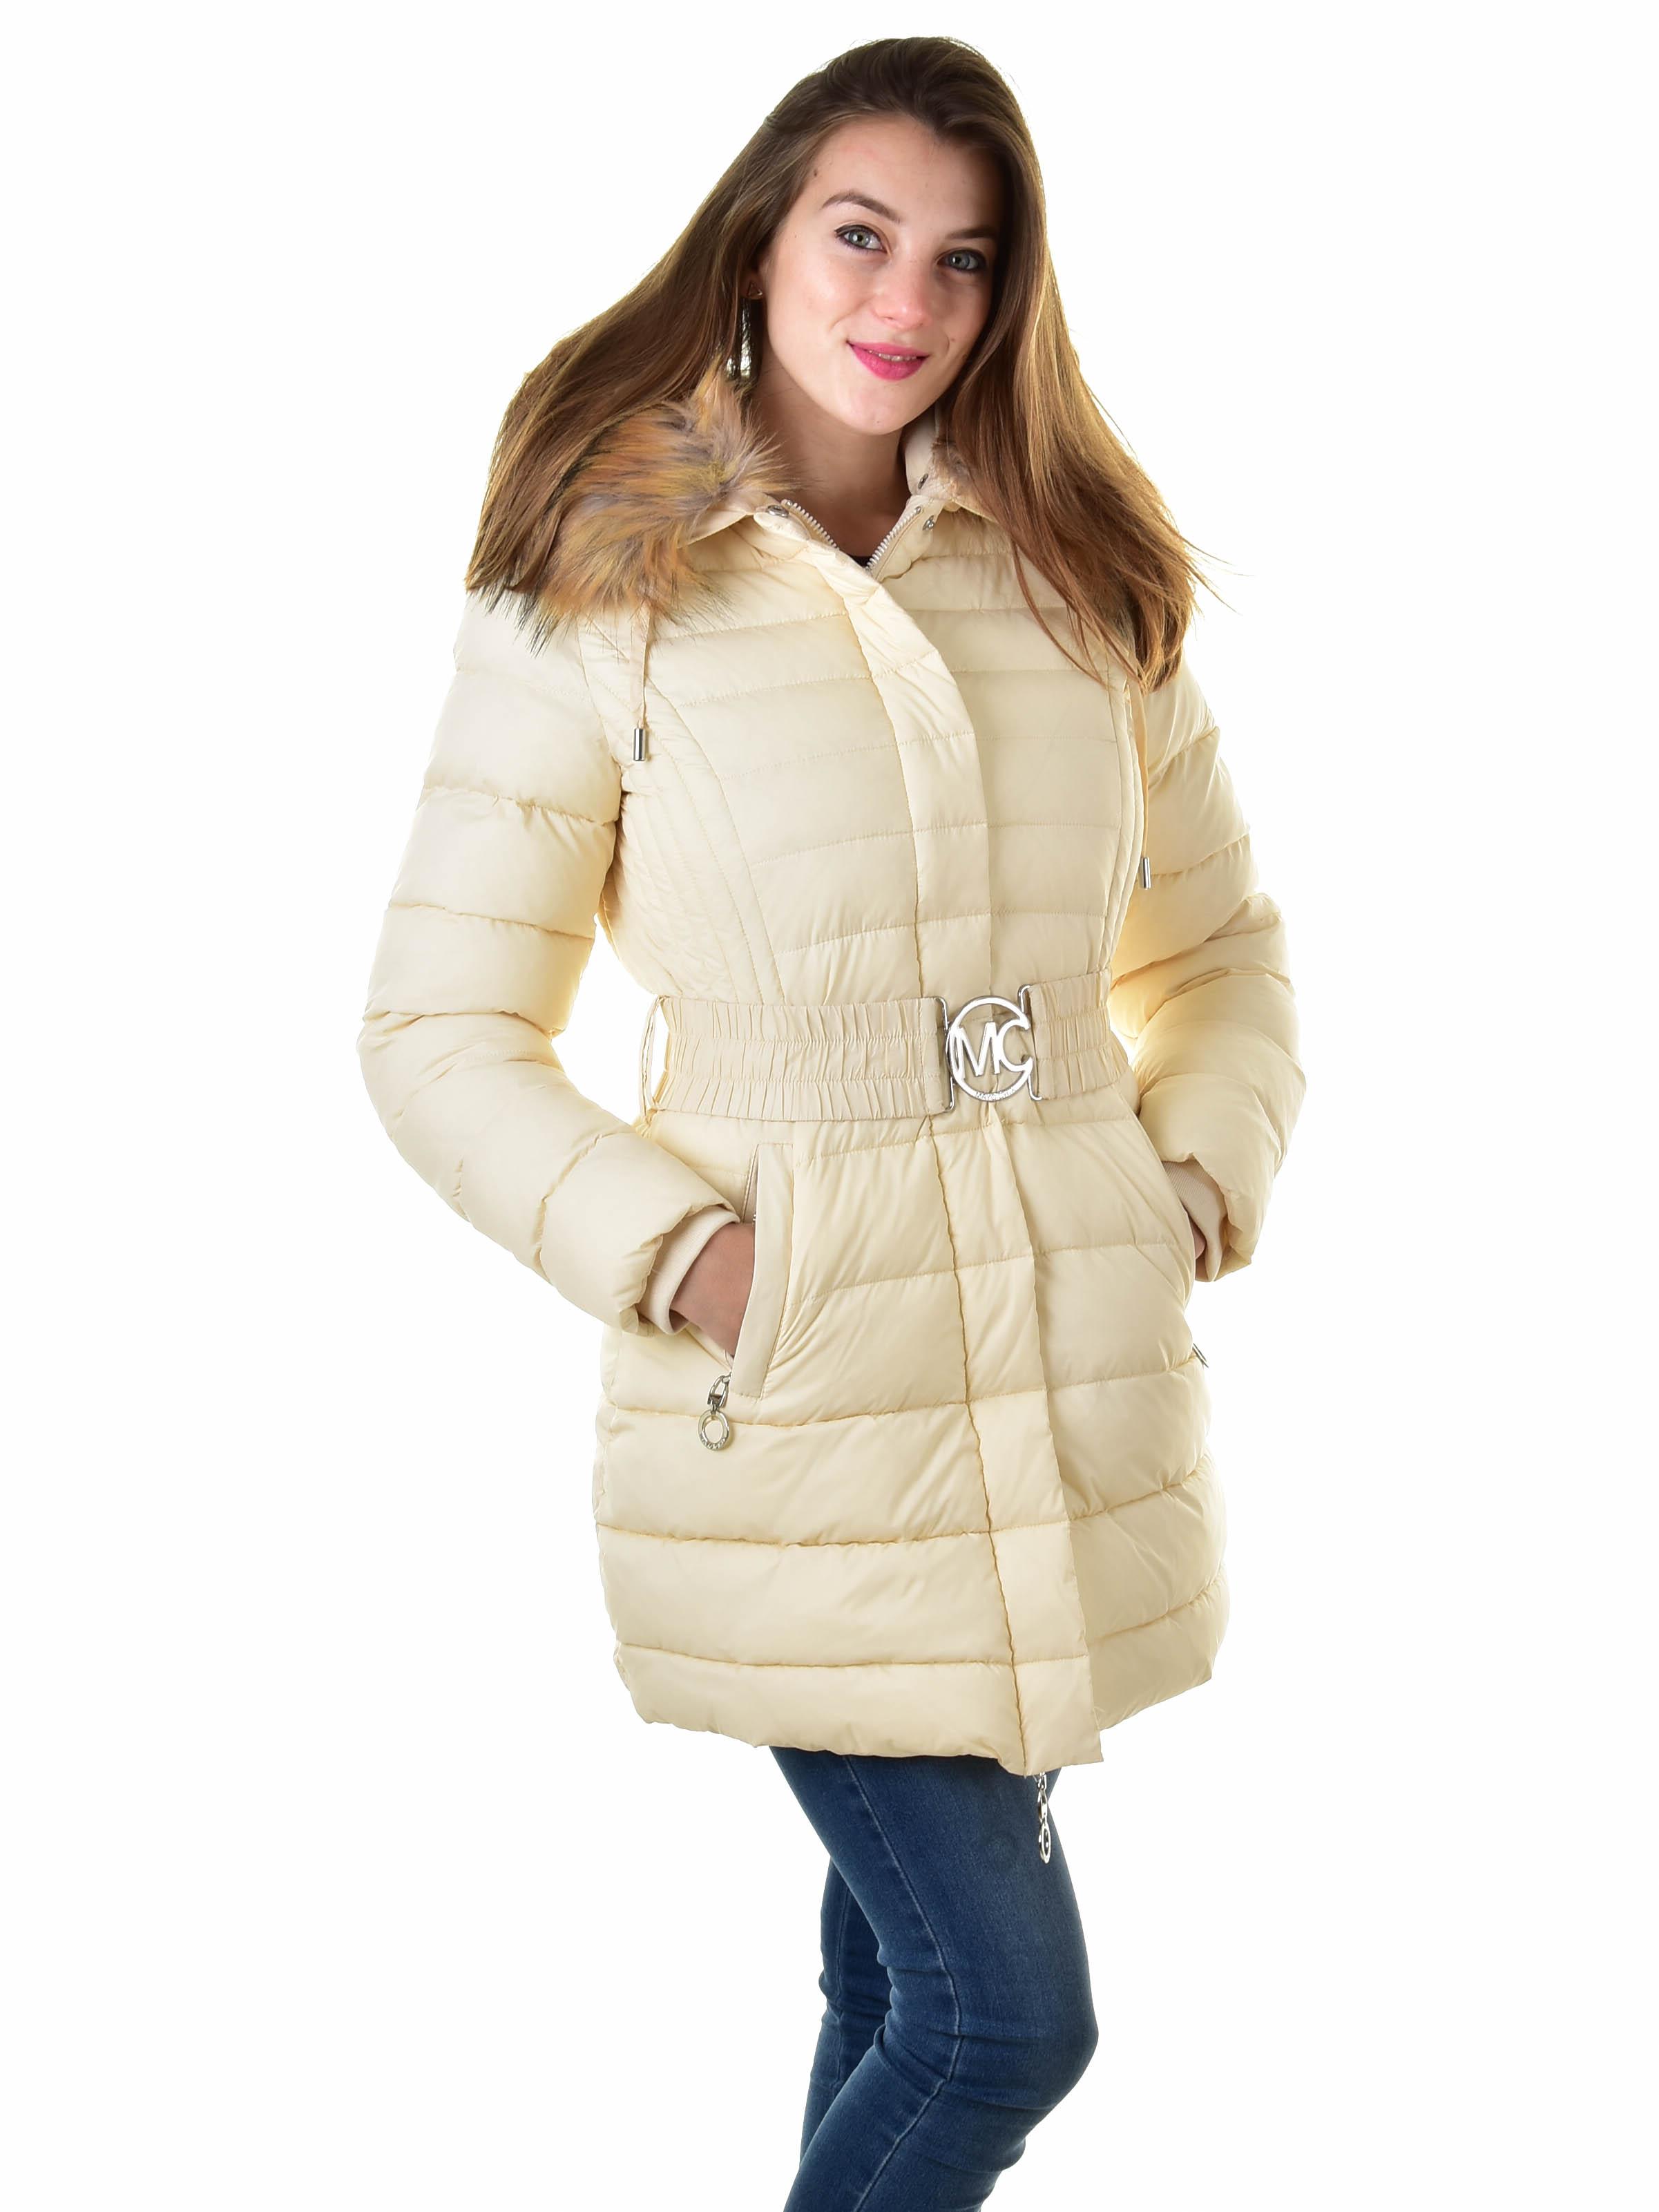 Mayo Chix női kabát STONIA | Markasbolt.hu Hivatalos Mayo